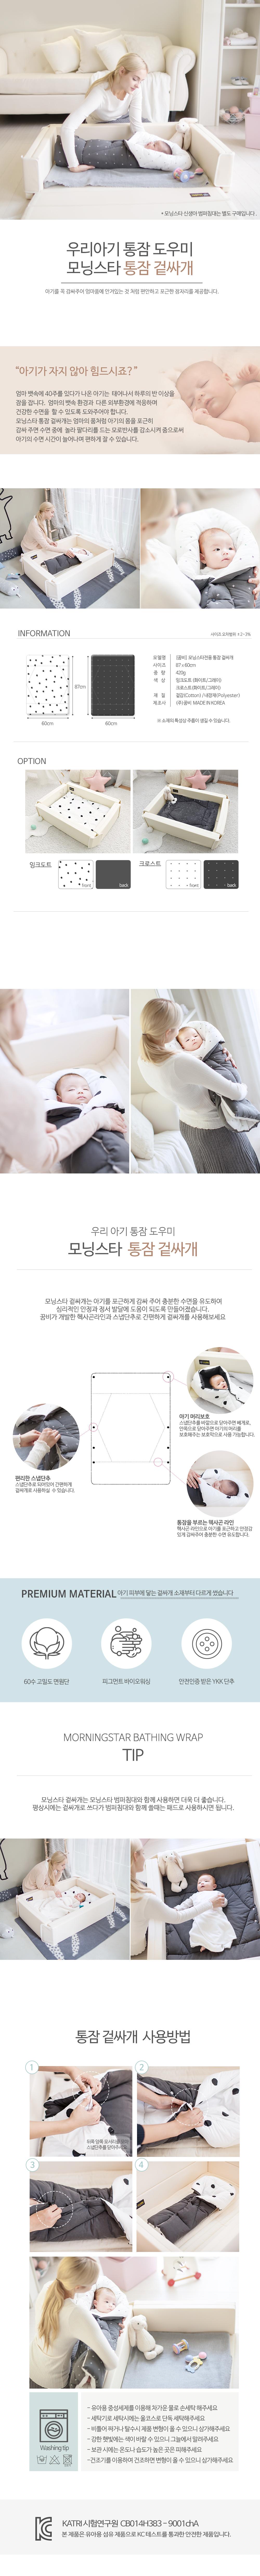 [꿈비] 신생아용 통잠 겉싸개_2종중택1 - 꿈비, 89,000원, 가구, 침대/범퍼침대